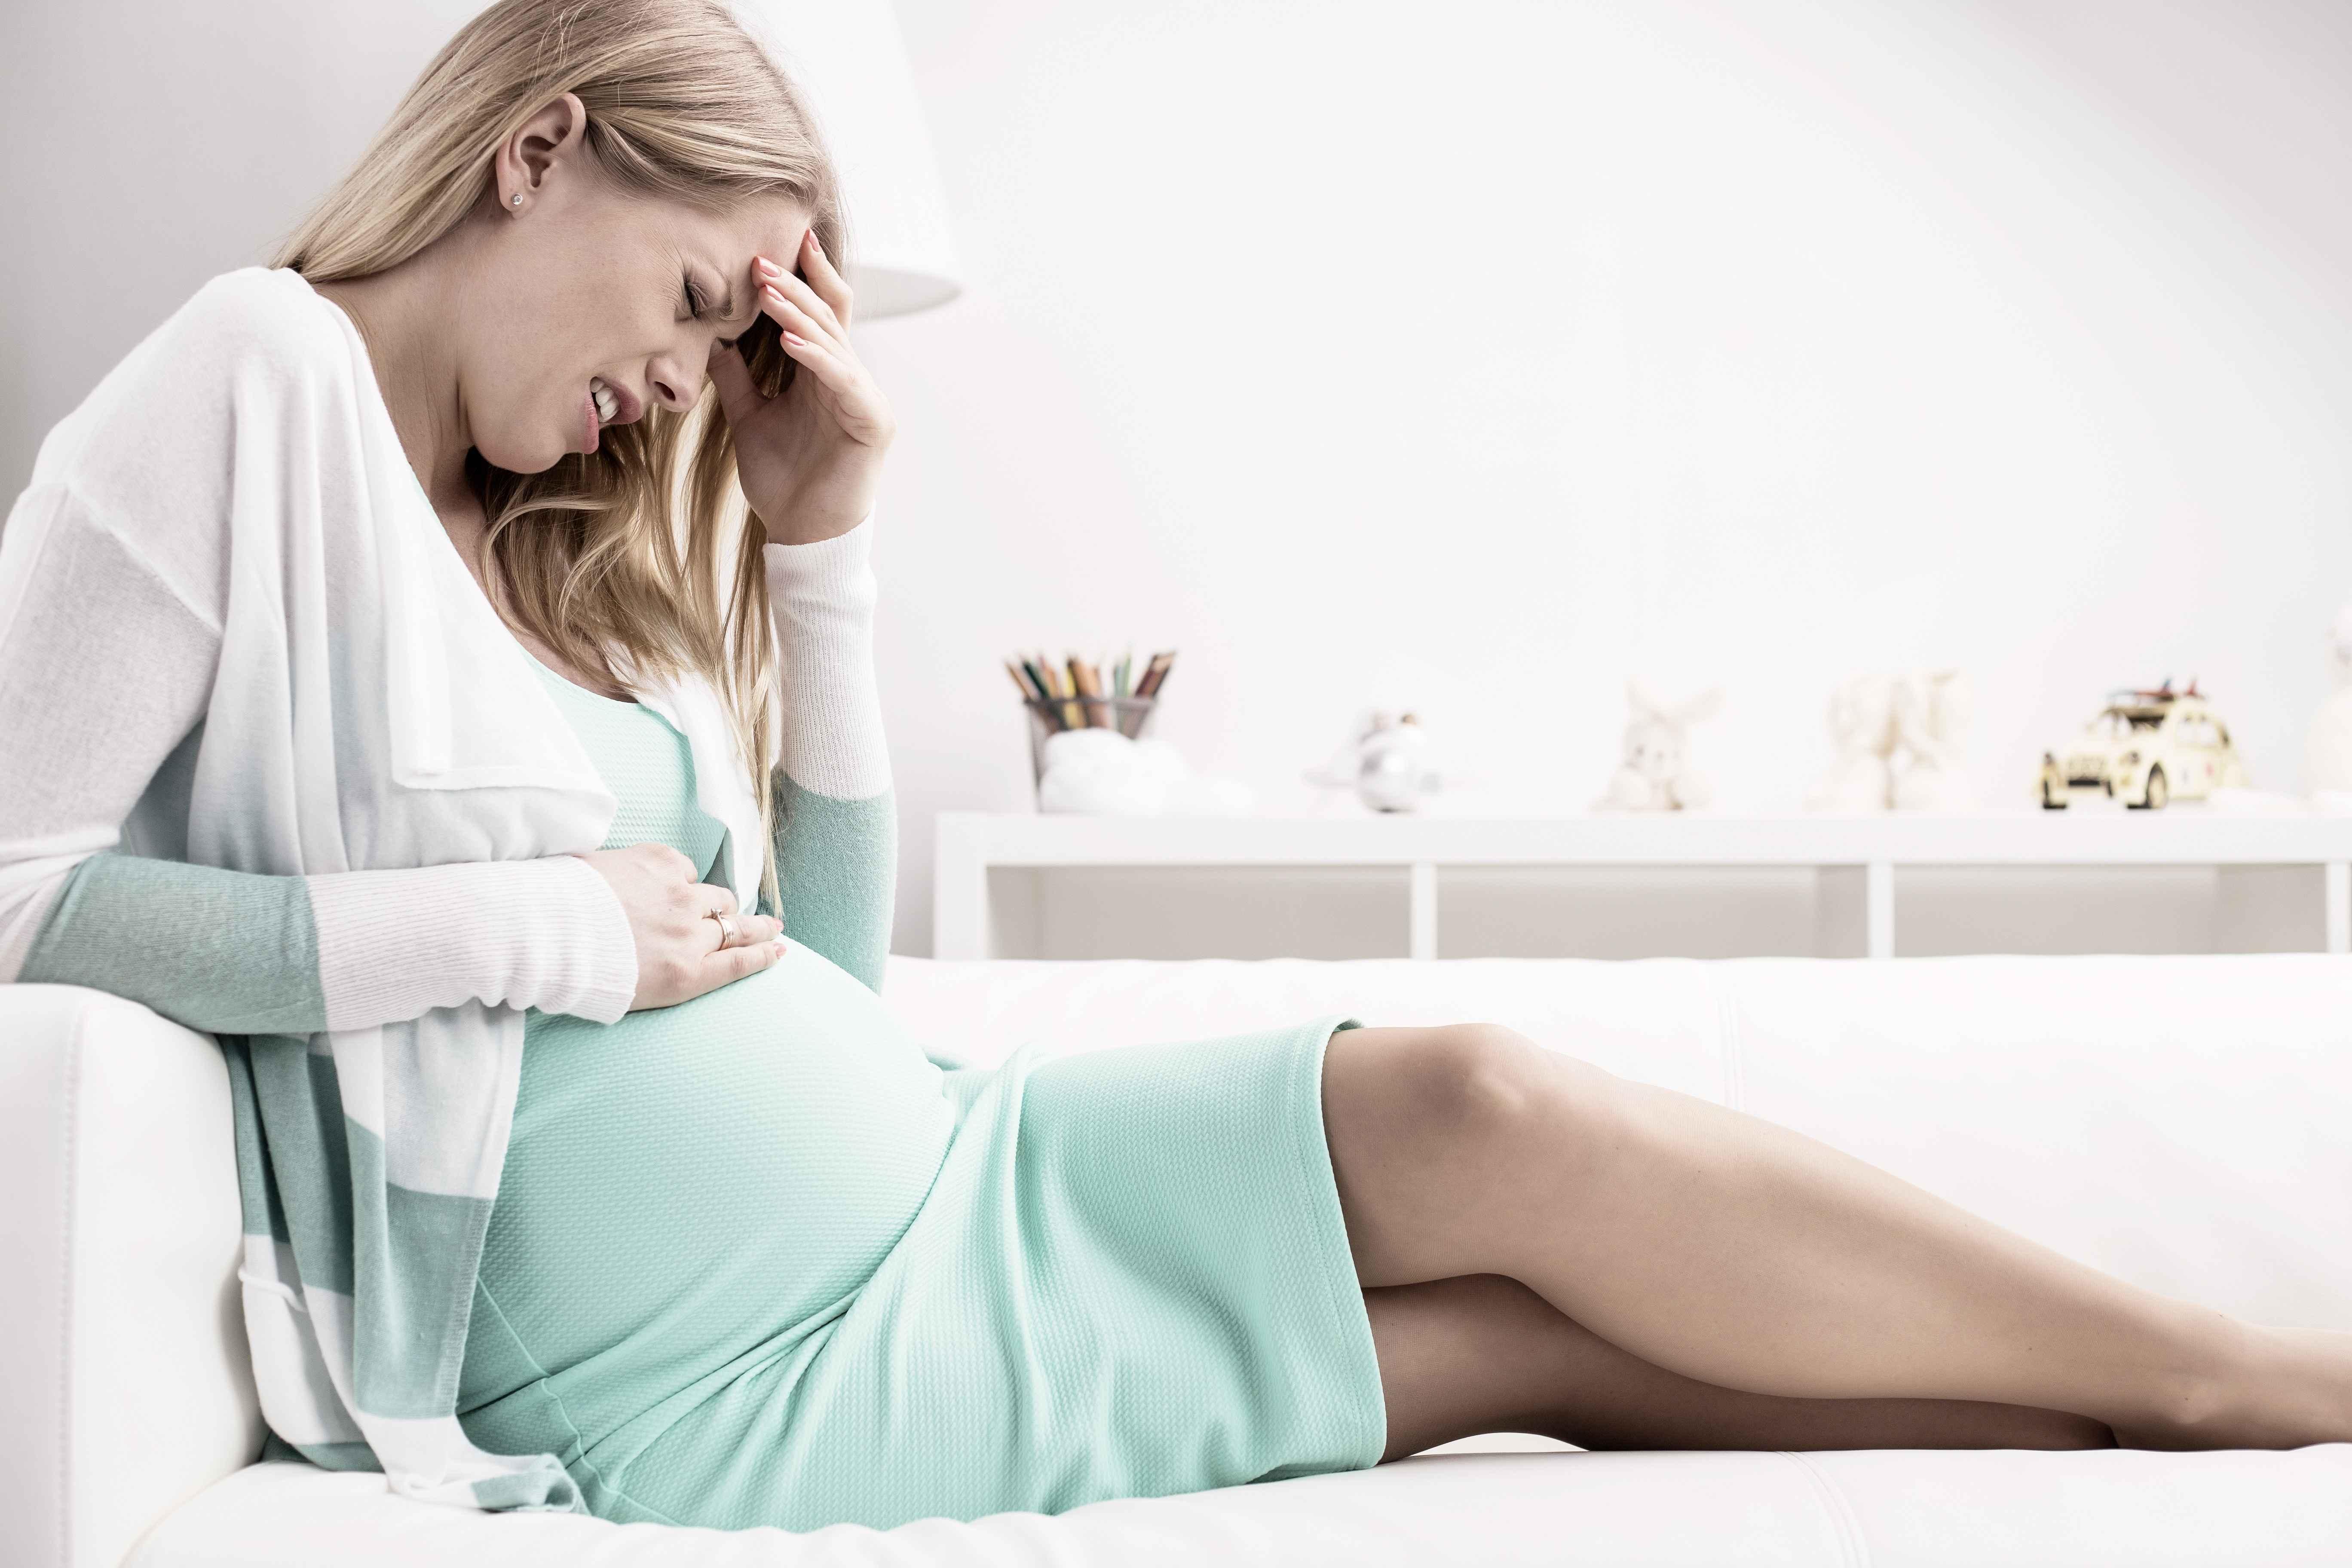 """怀孕期间,""""7个身体部位""""变化明显,很多孕妈都觉得尴尬"""